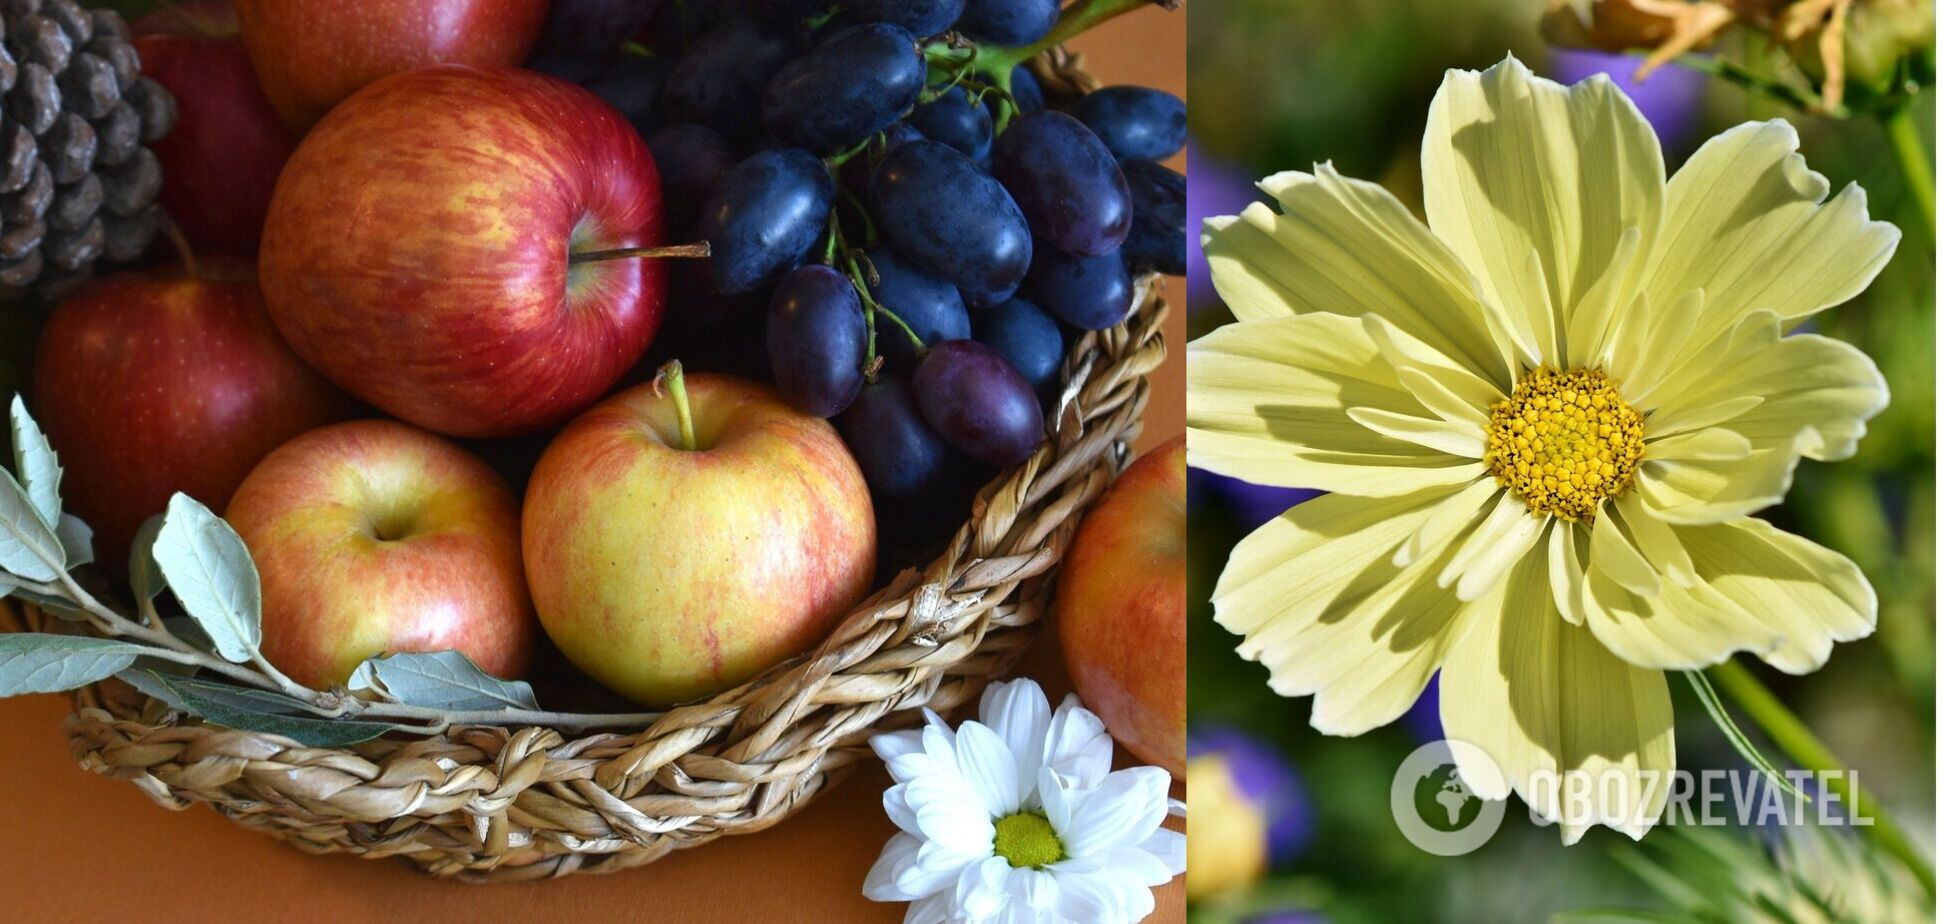 Що повинно бути в святковий кошику на Яблучний Спас